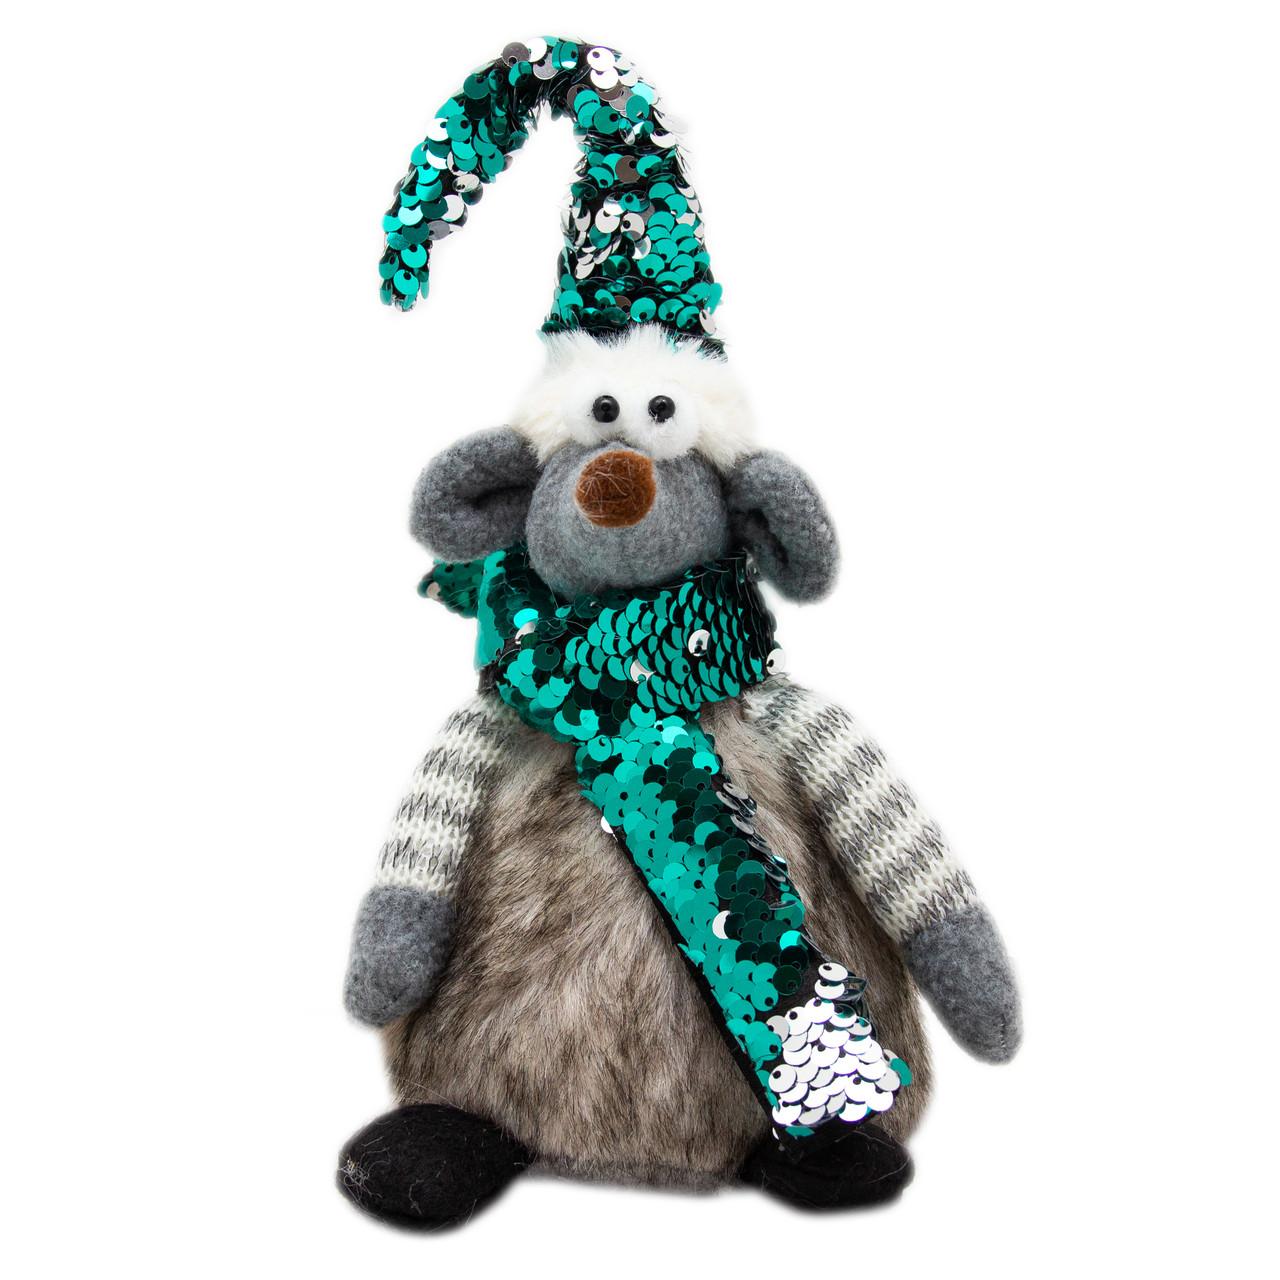 Мягкая игрушка - мышка с ярким колпаком, 25 см, серый, зеленый, текстиль (460402)